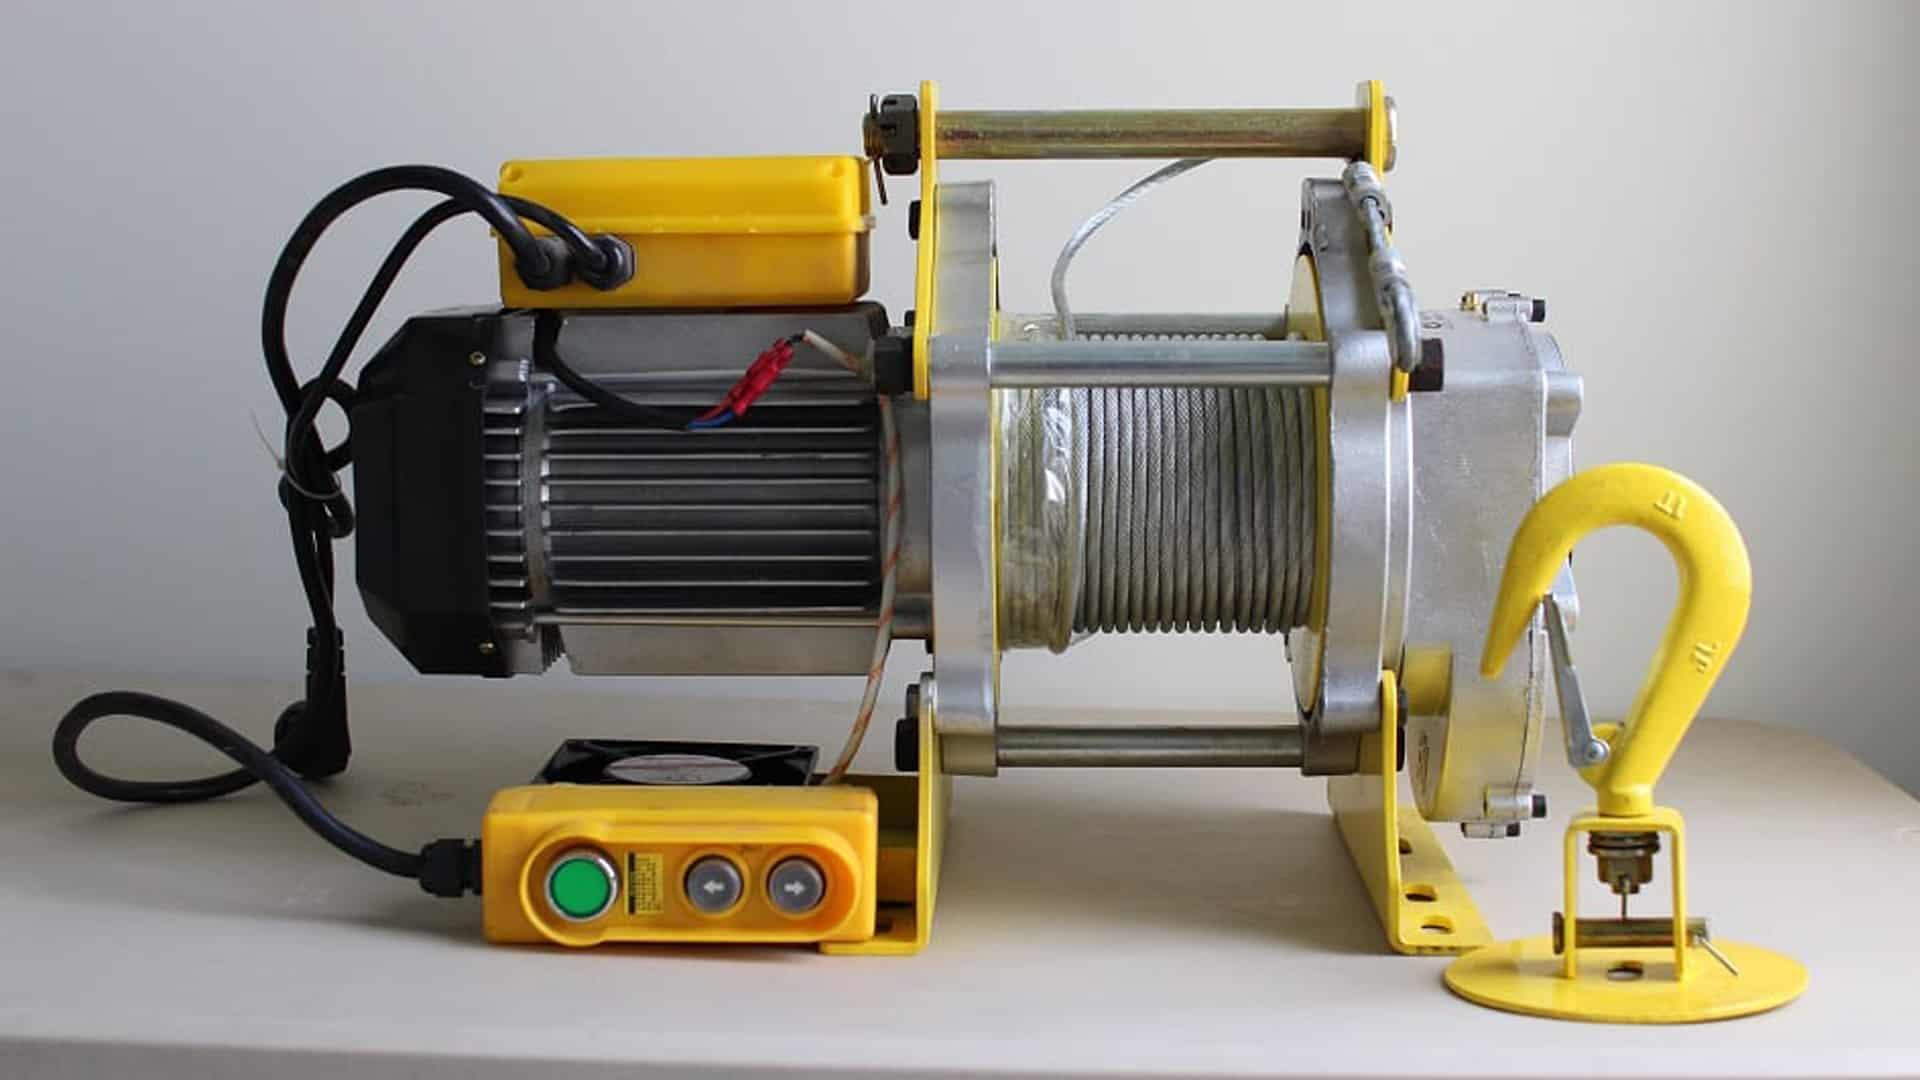 มอเตอร์-รอกไฟฟ้า-รอกยกของ-รุ่น-Luxury1